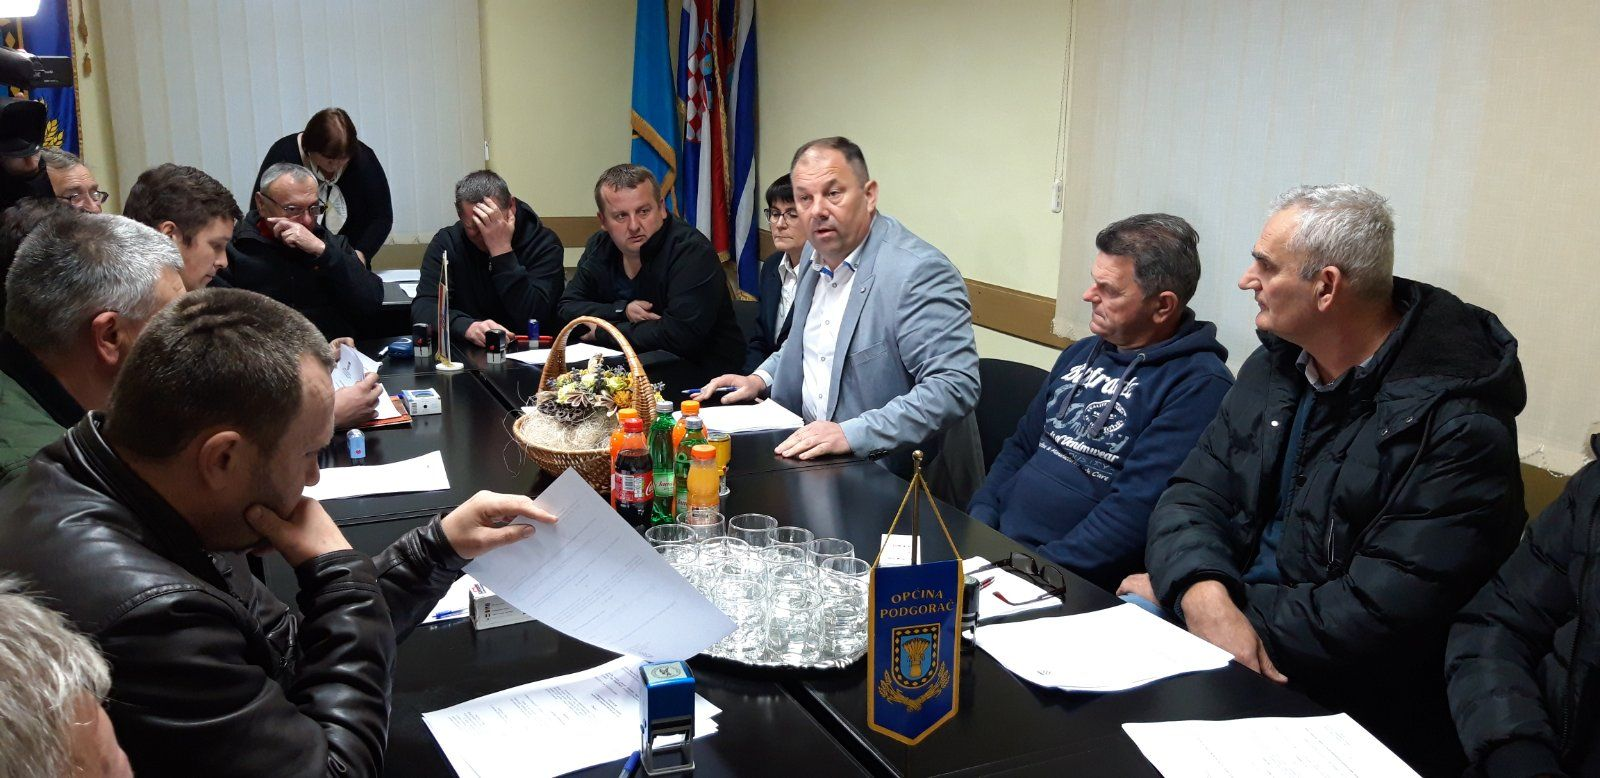 Načelnik potpisao ugovore s udrugama